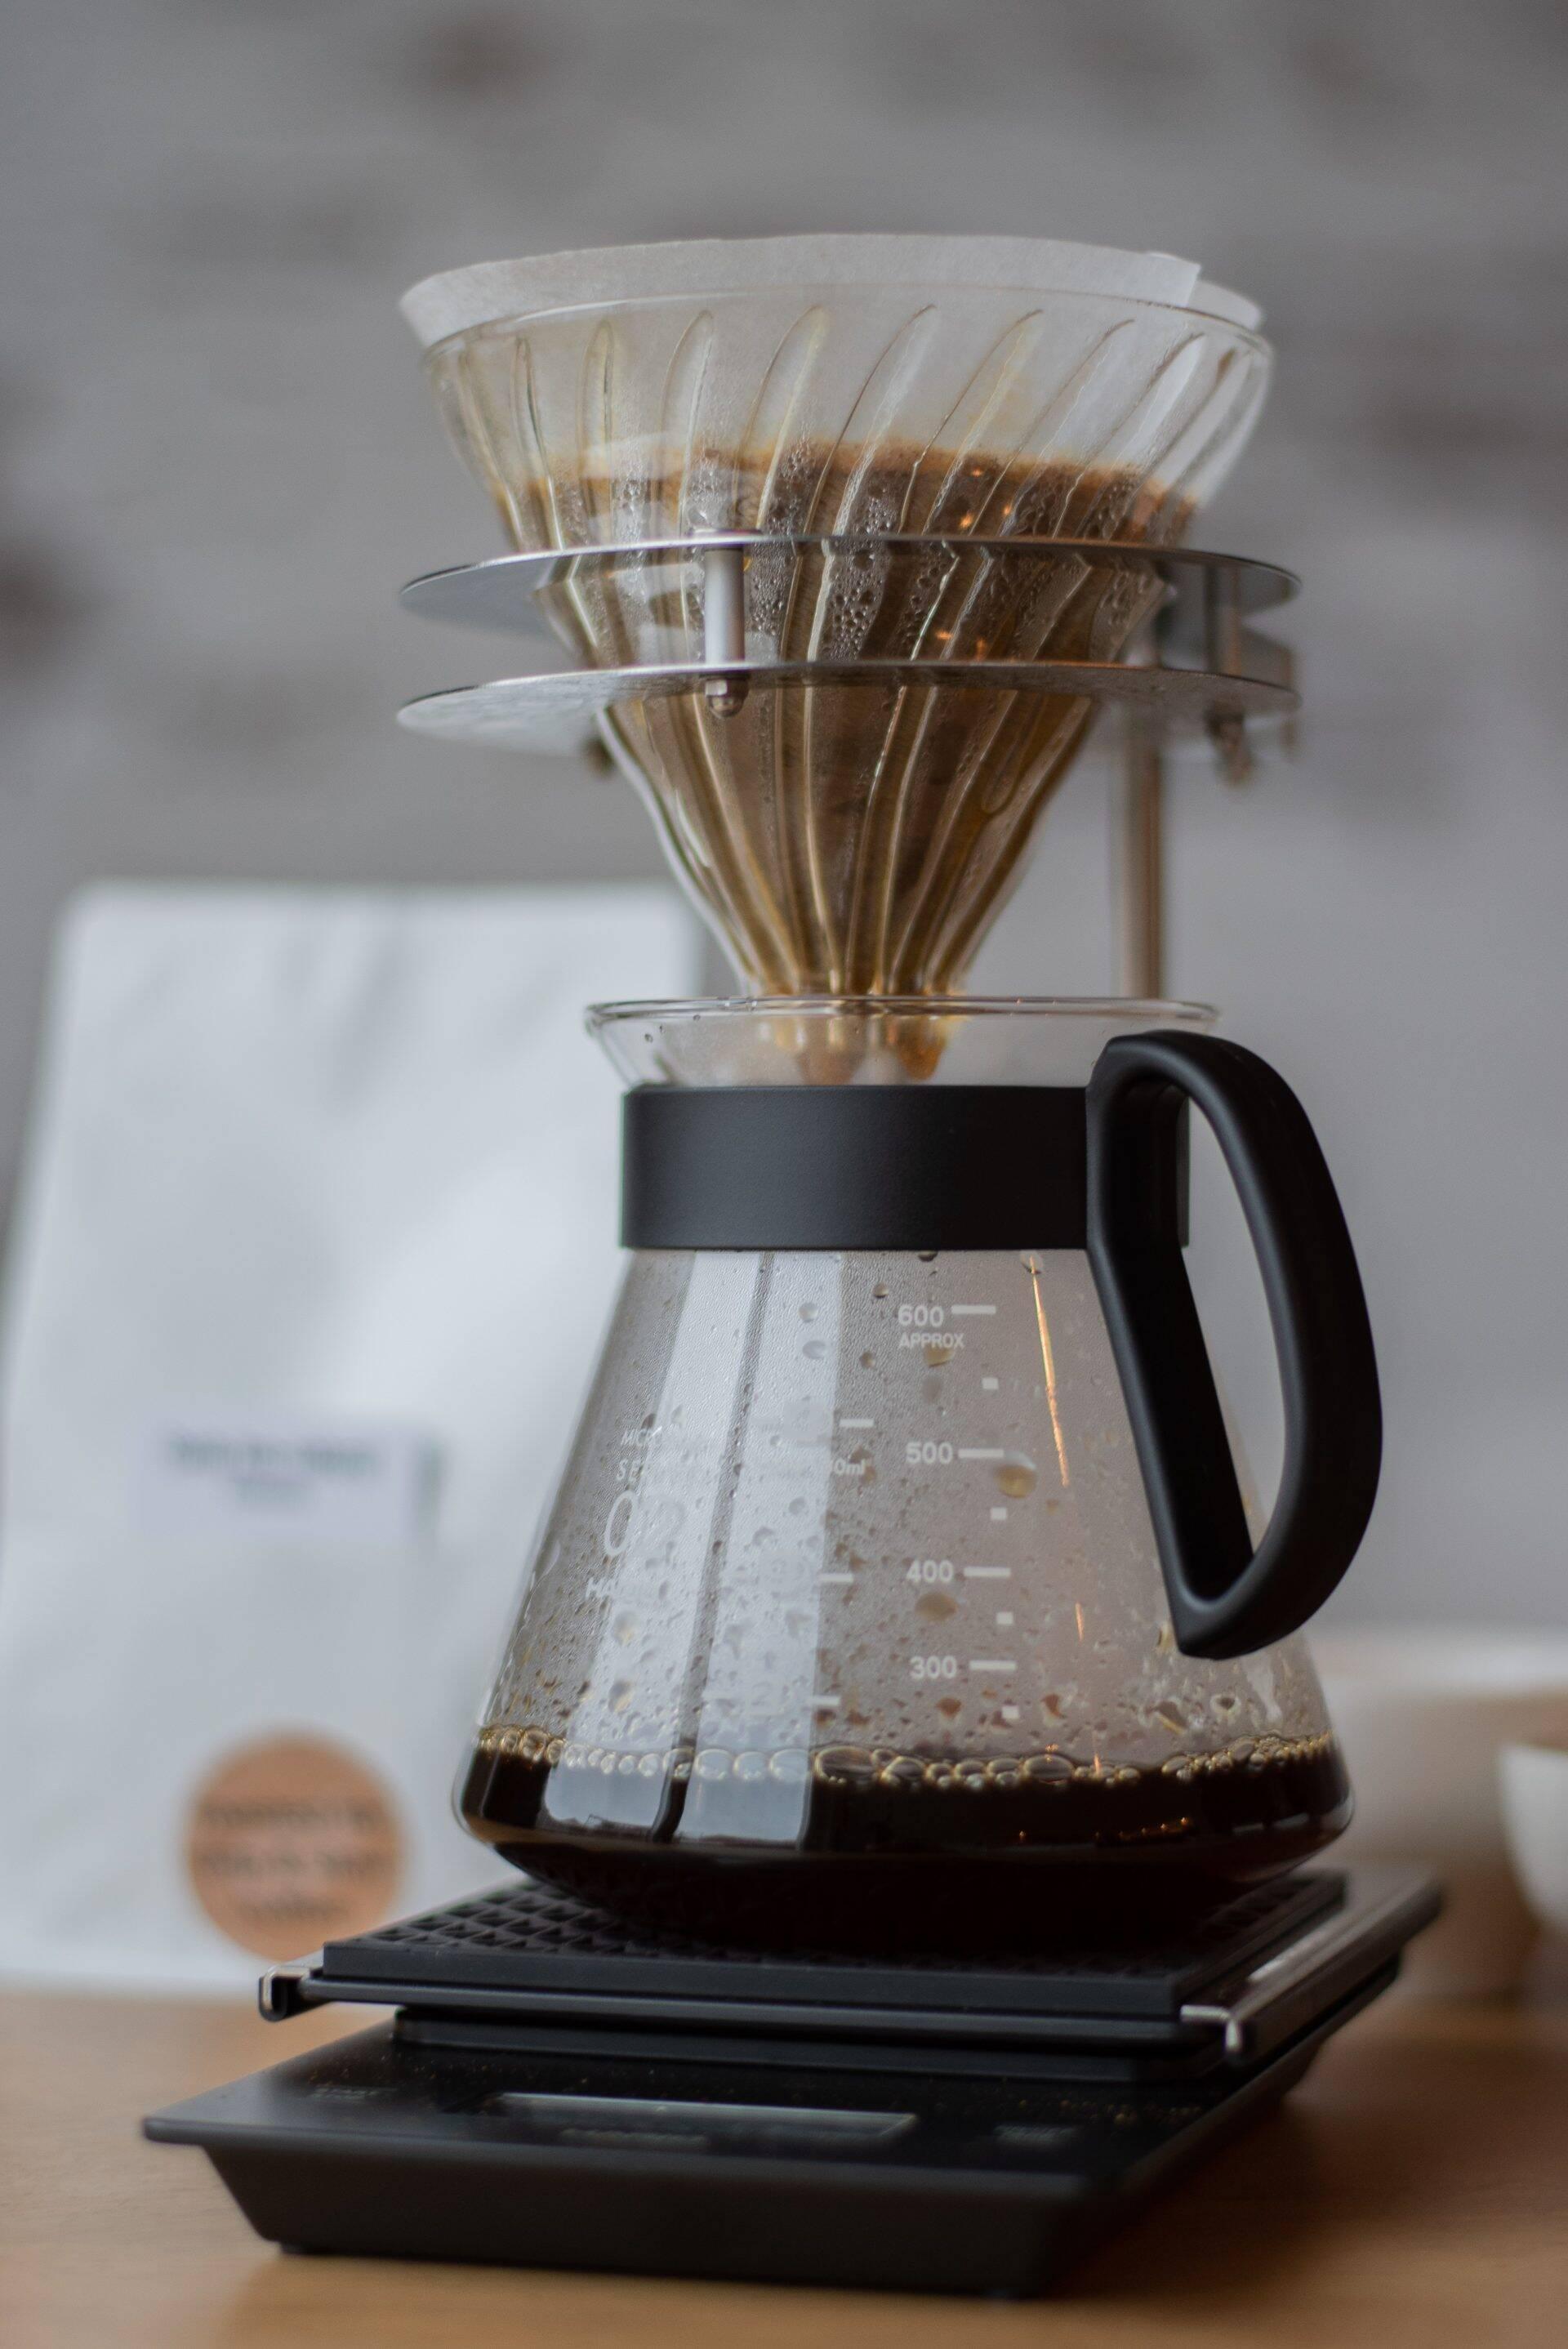 Hario V60 filterkoffie